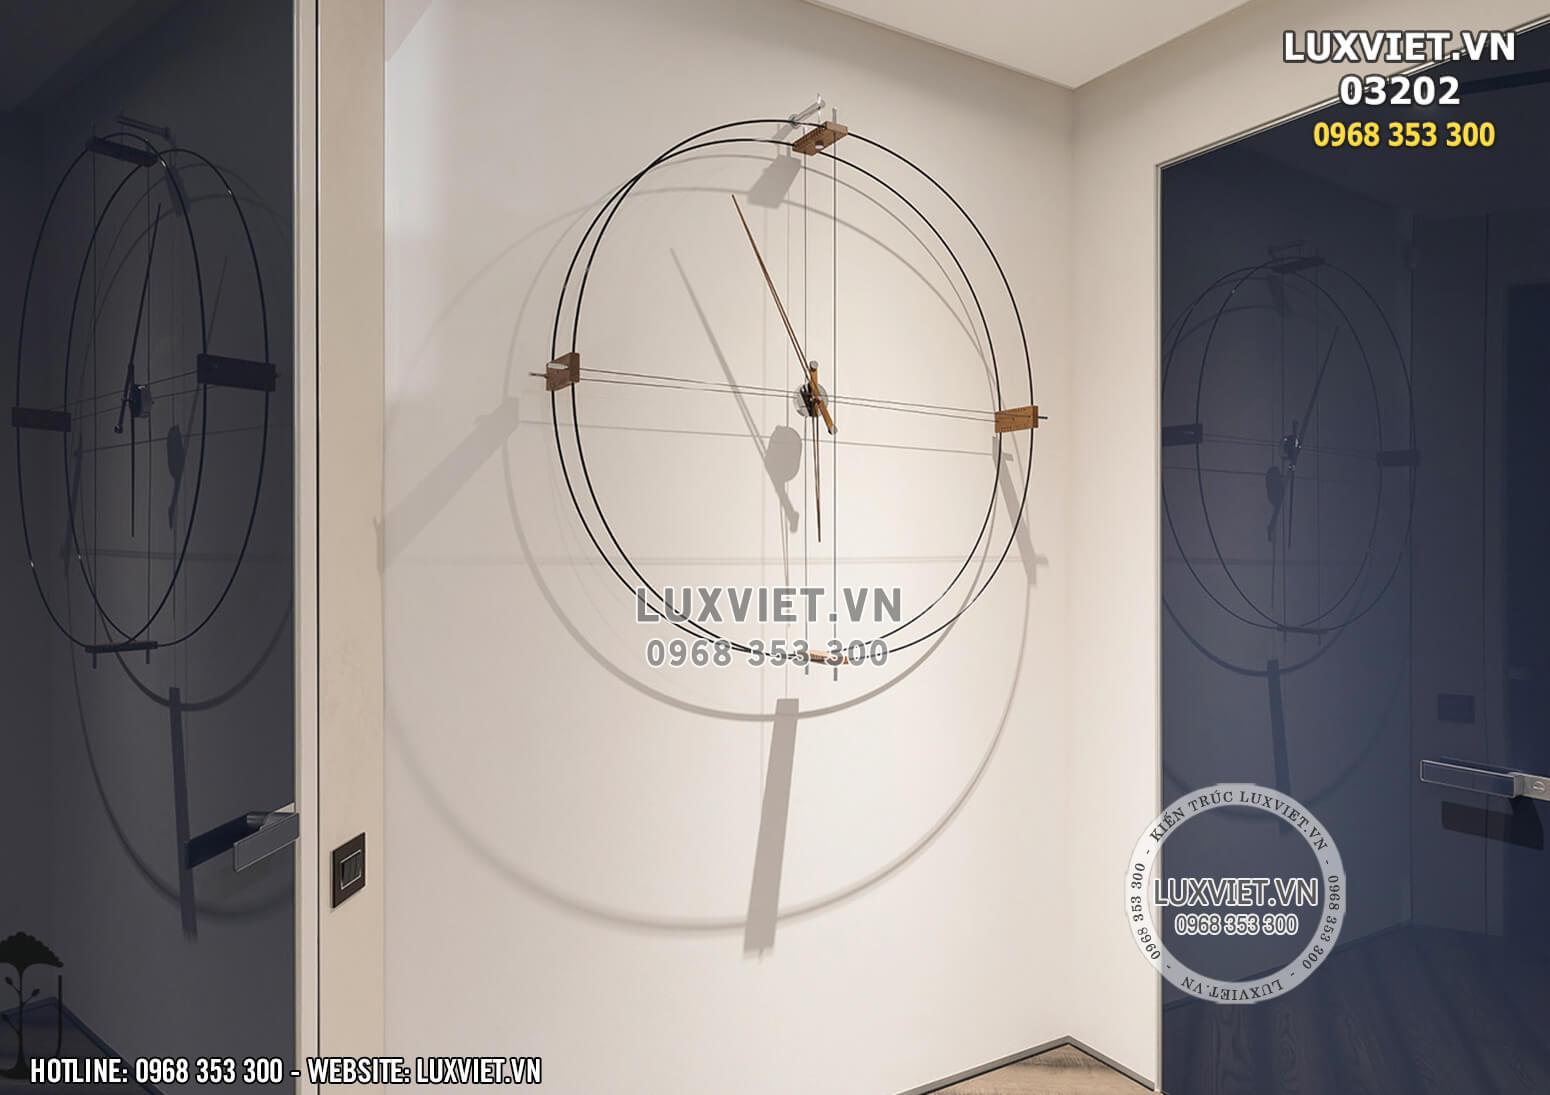 Hình ảnh: Thiết kế nội thất chung cư hiện đại tại Hà Nội - LV 03202